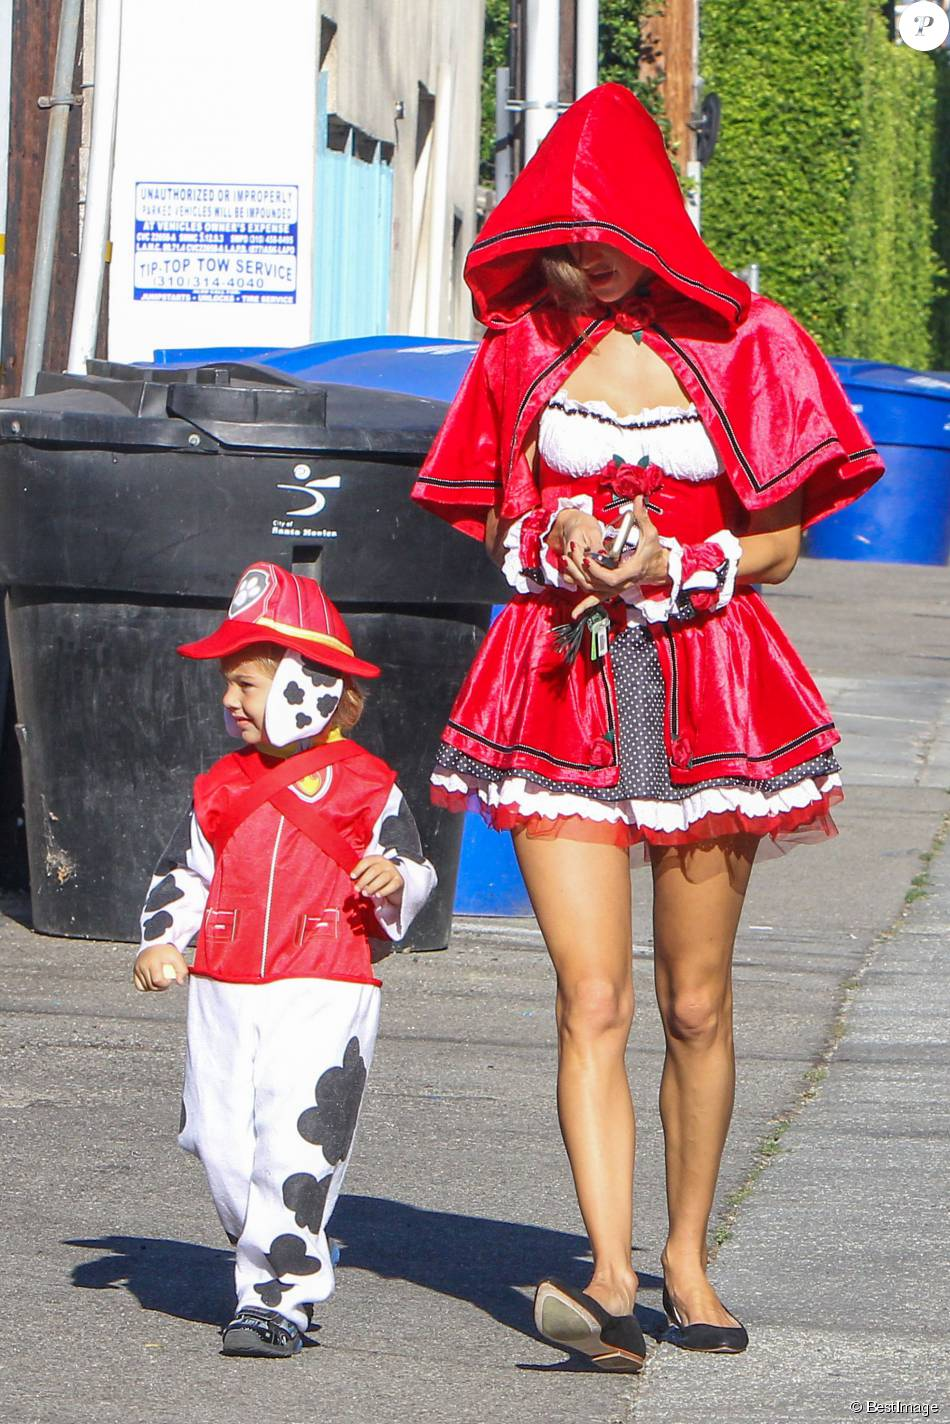 Alessandra Ambrosio en costumes d'Halloween avec son fils Noah Mazur dans les rues de Los Angeles, le 30 novembre 2015